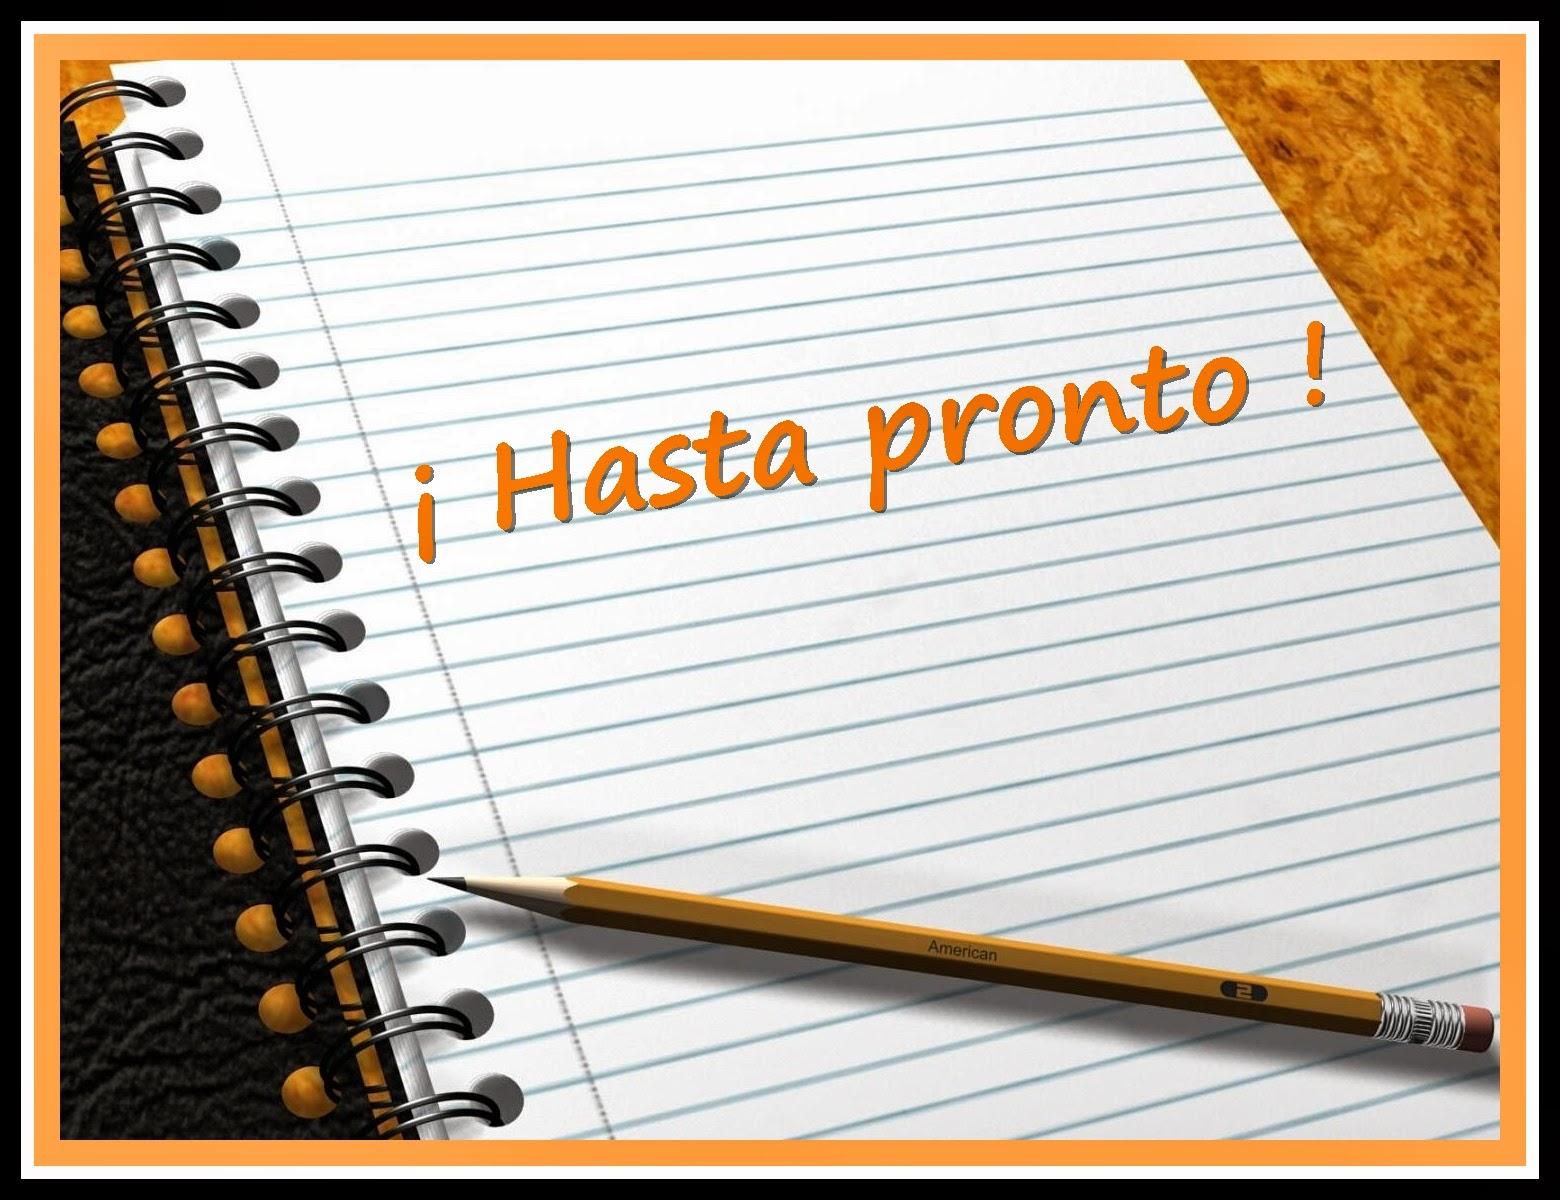 http://bibliotecadochouzo.blogspot.com.es/2014/05/los-fantasticos-escritores-del-taller.html